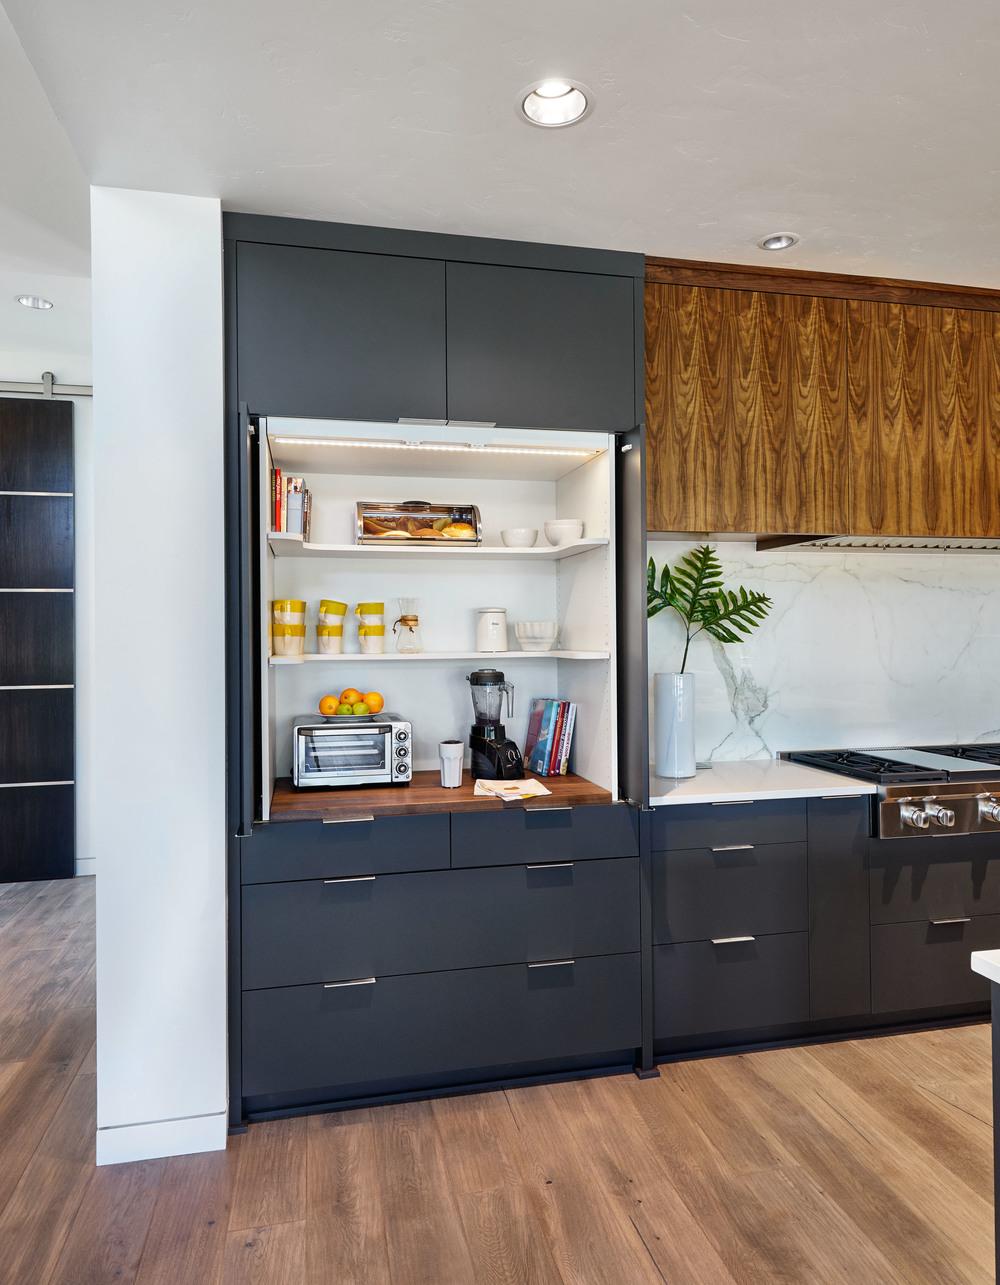 Sandhill Crane Kitchen